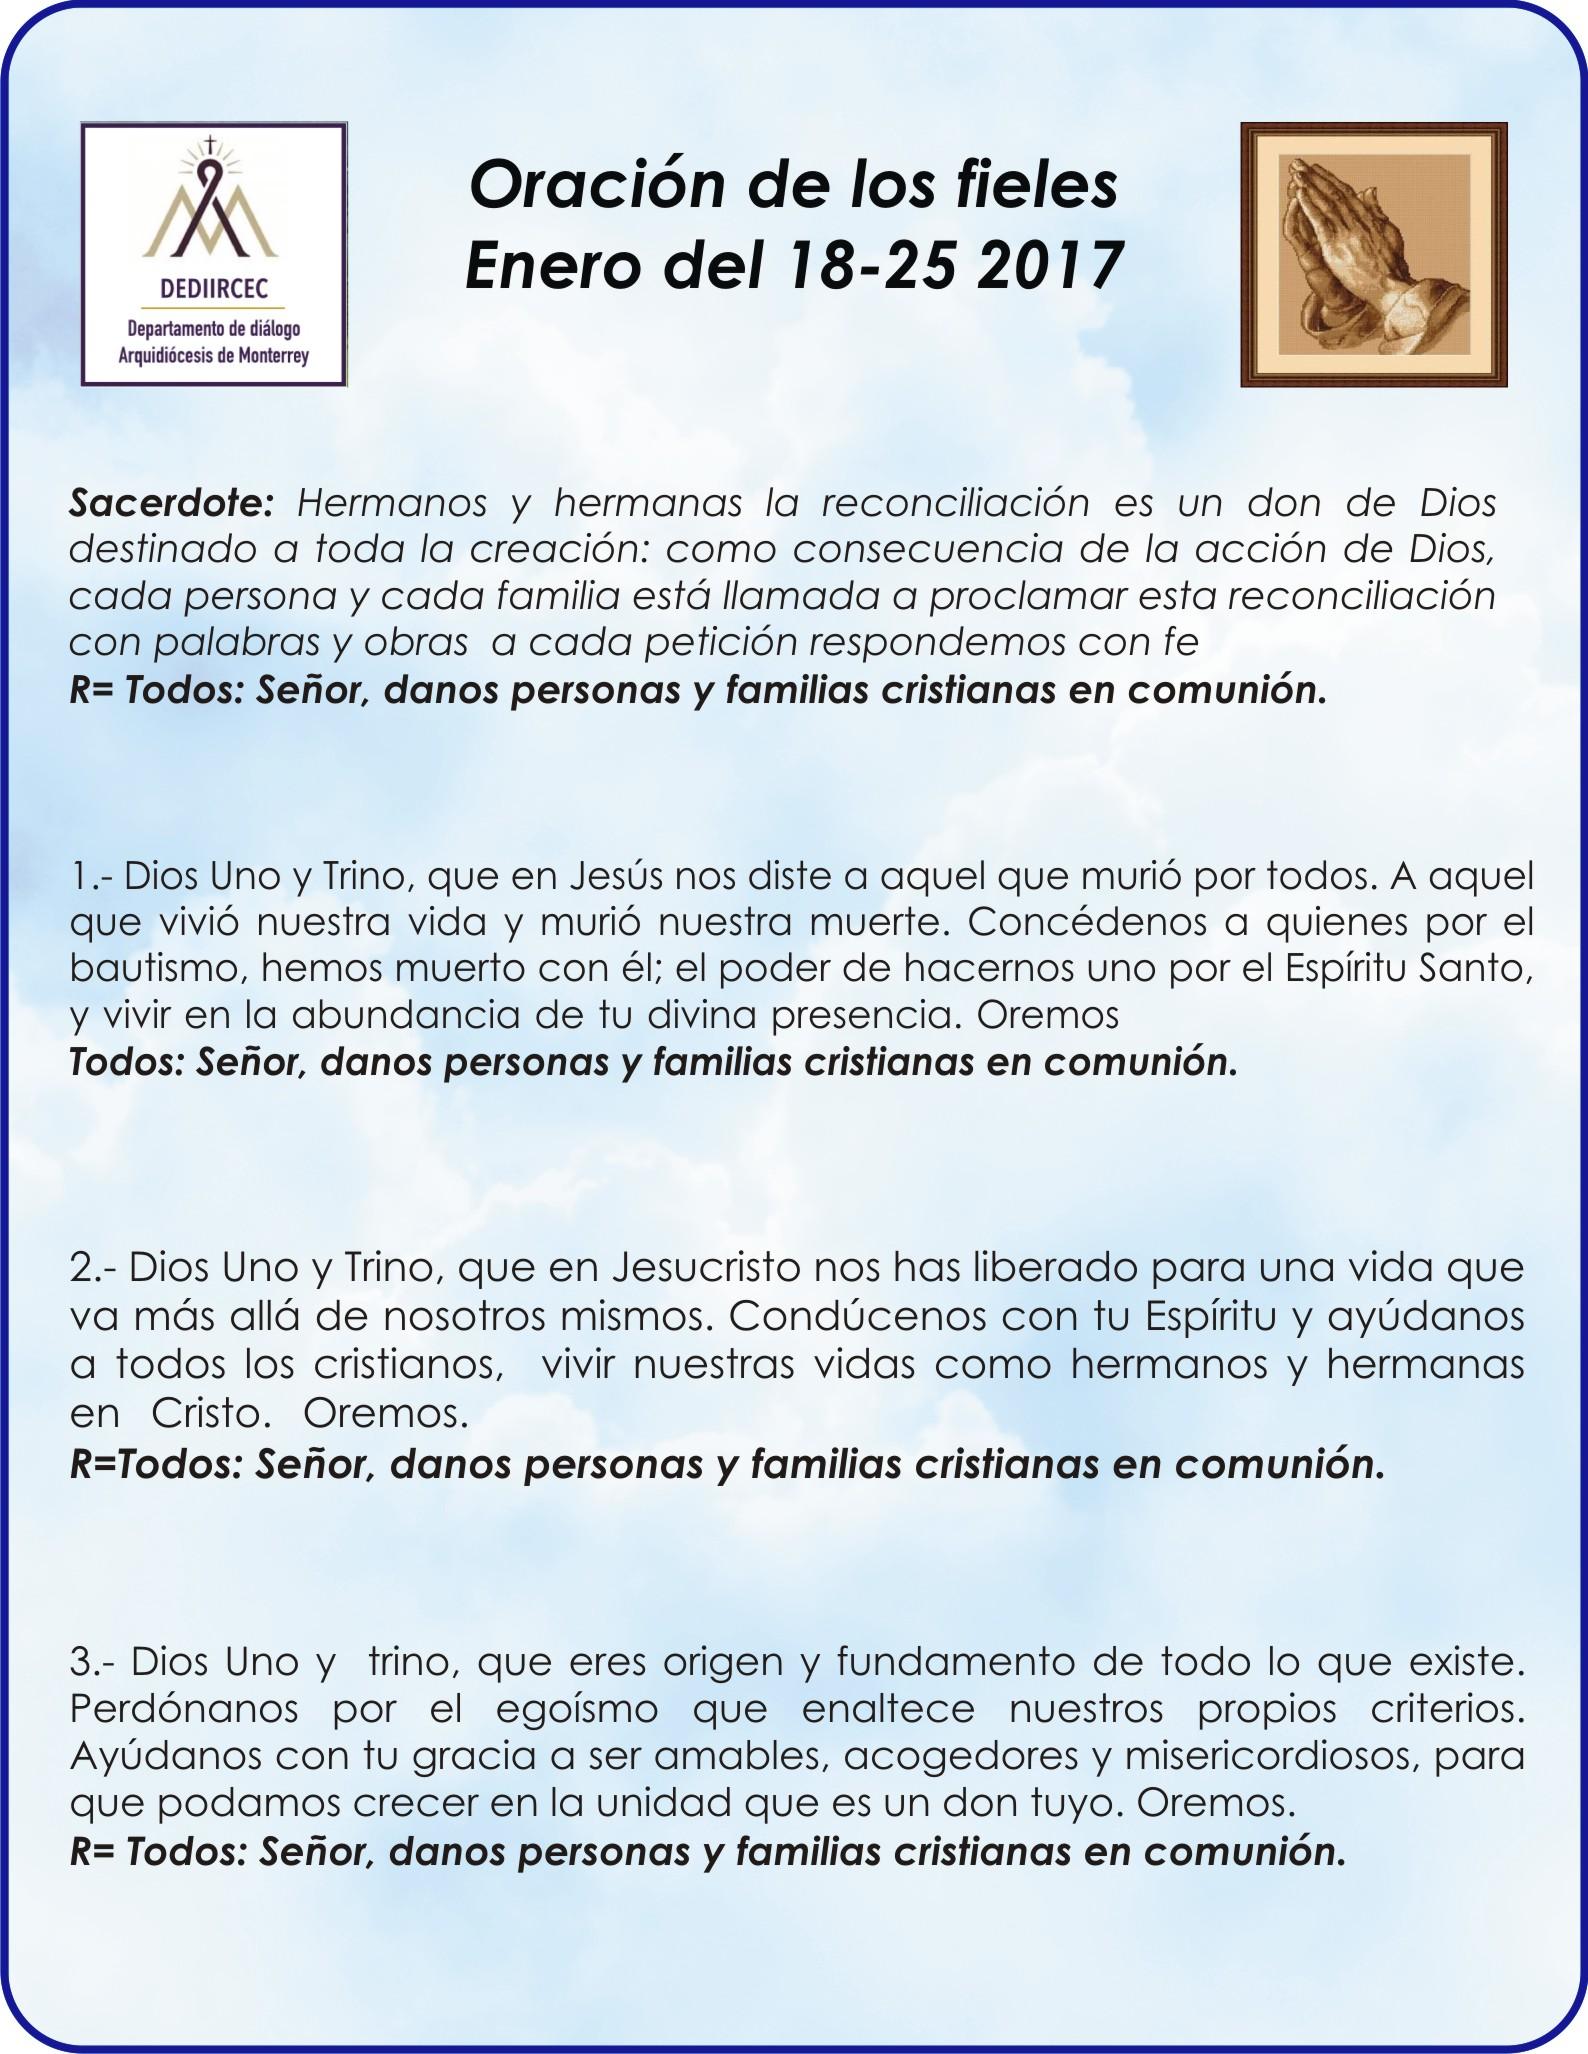 Oracion De Los Fieles Para La Souc 2017 Departamento De Diálogo Dediircec